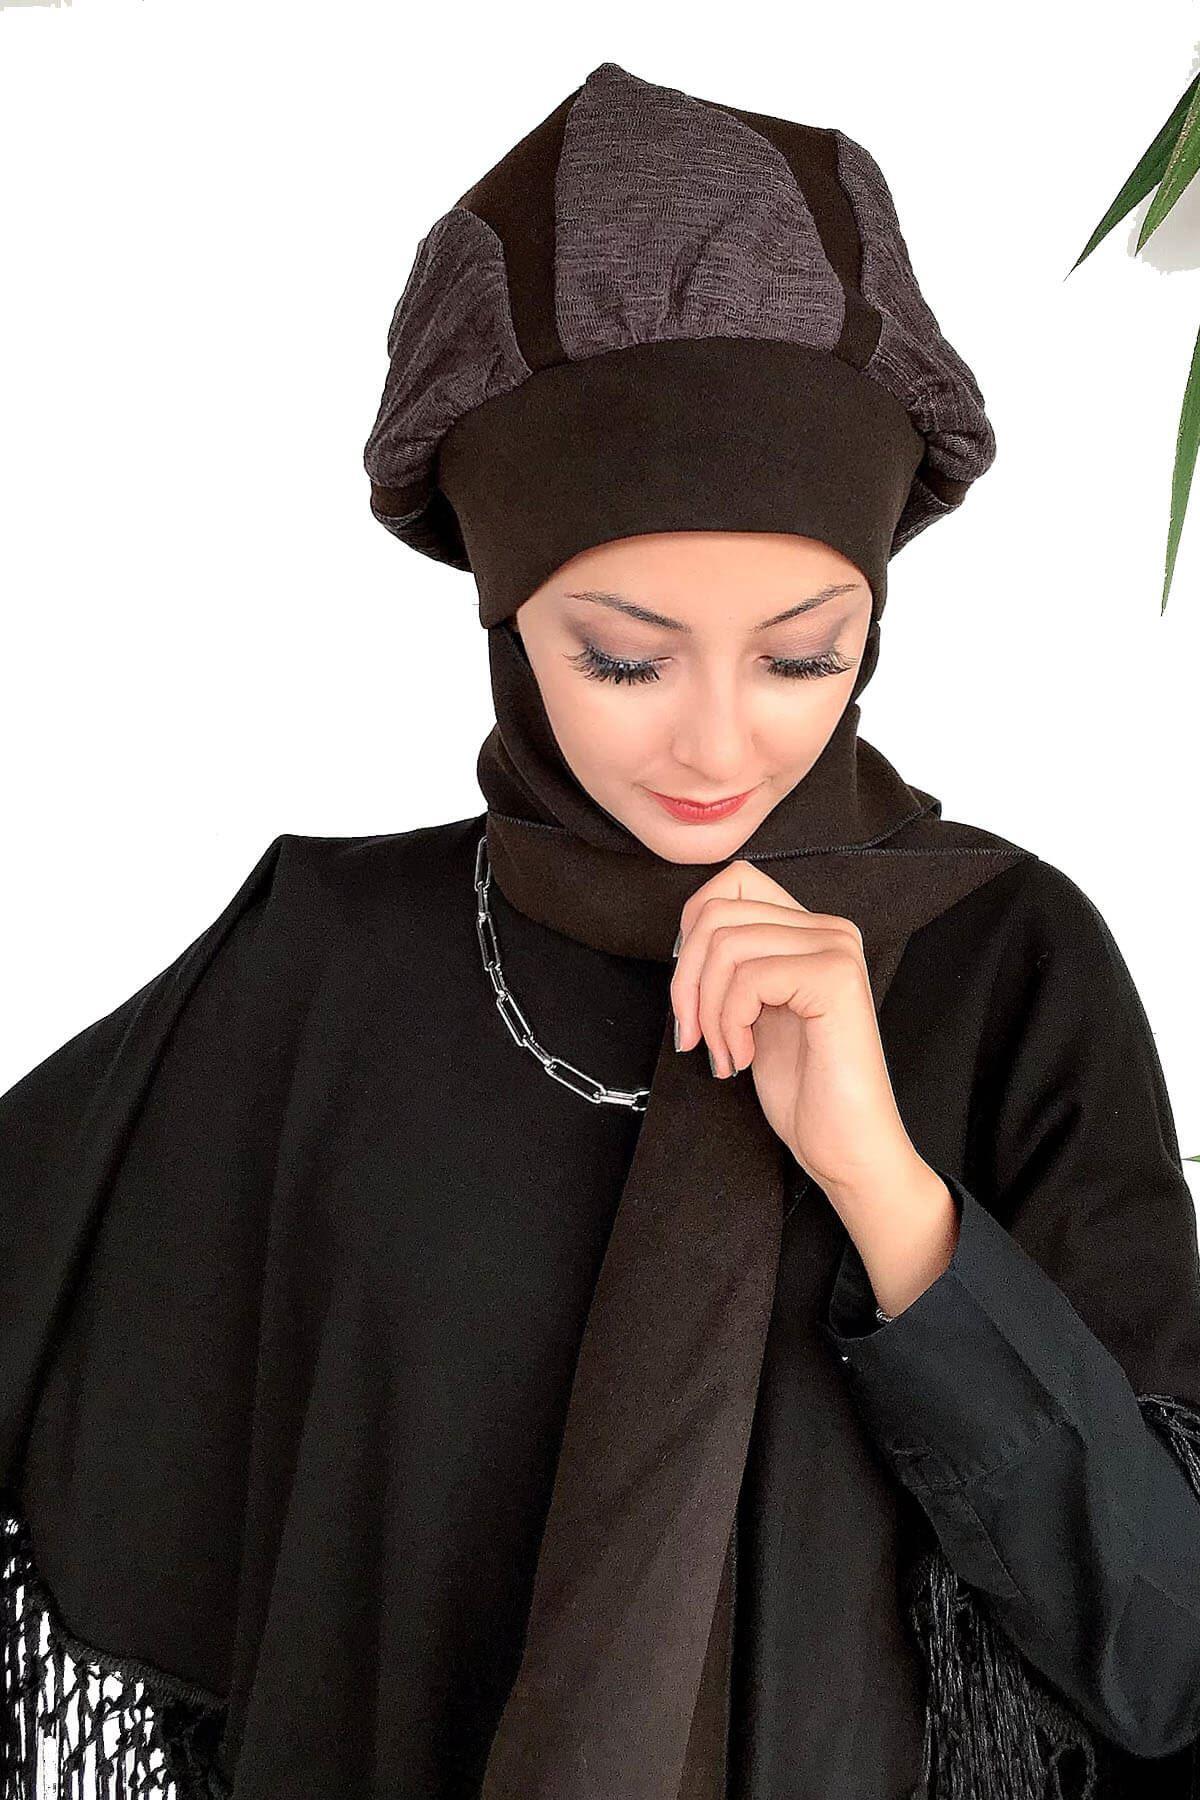 Kırışık Kahverengi Kaşe Damla Model Atkılı Bere Şal& Dantel Detaylı Panço